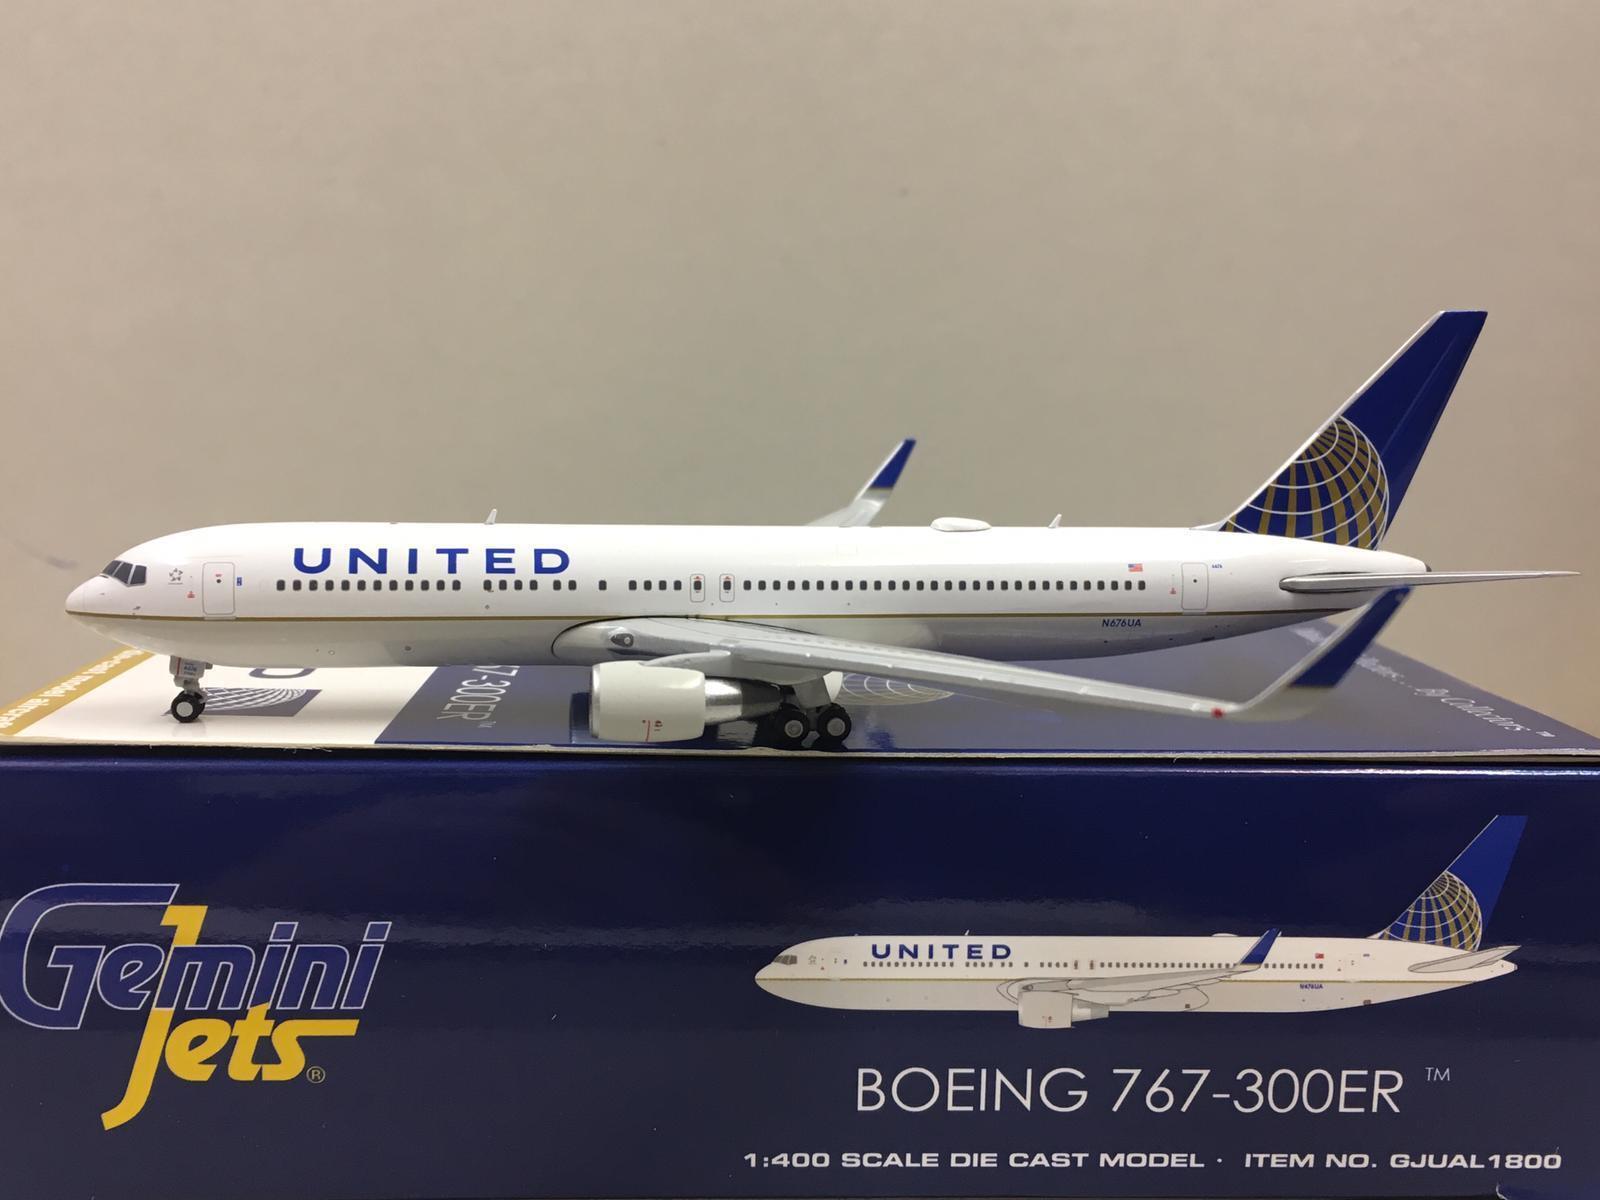 Gemini Jets 1 400 UNITED Airlines BOEING 767-300ER N676UA N676UA N676UA GJUAL1800 81c5b2